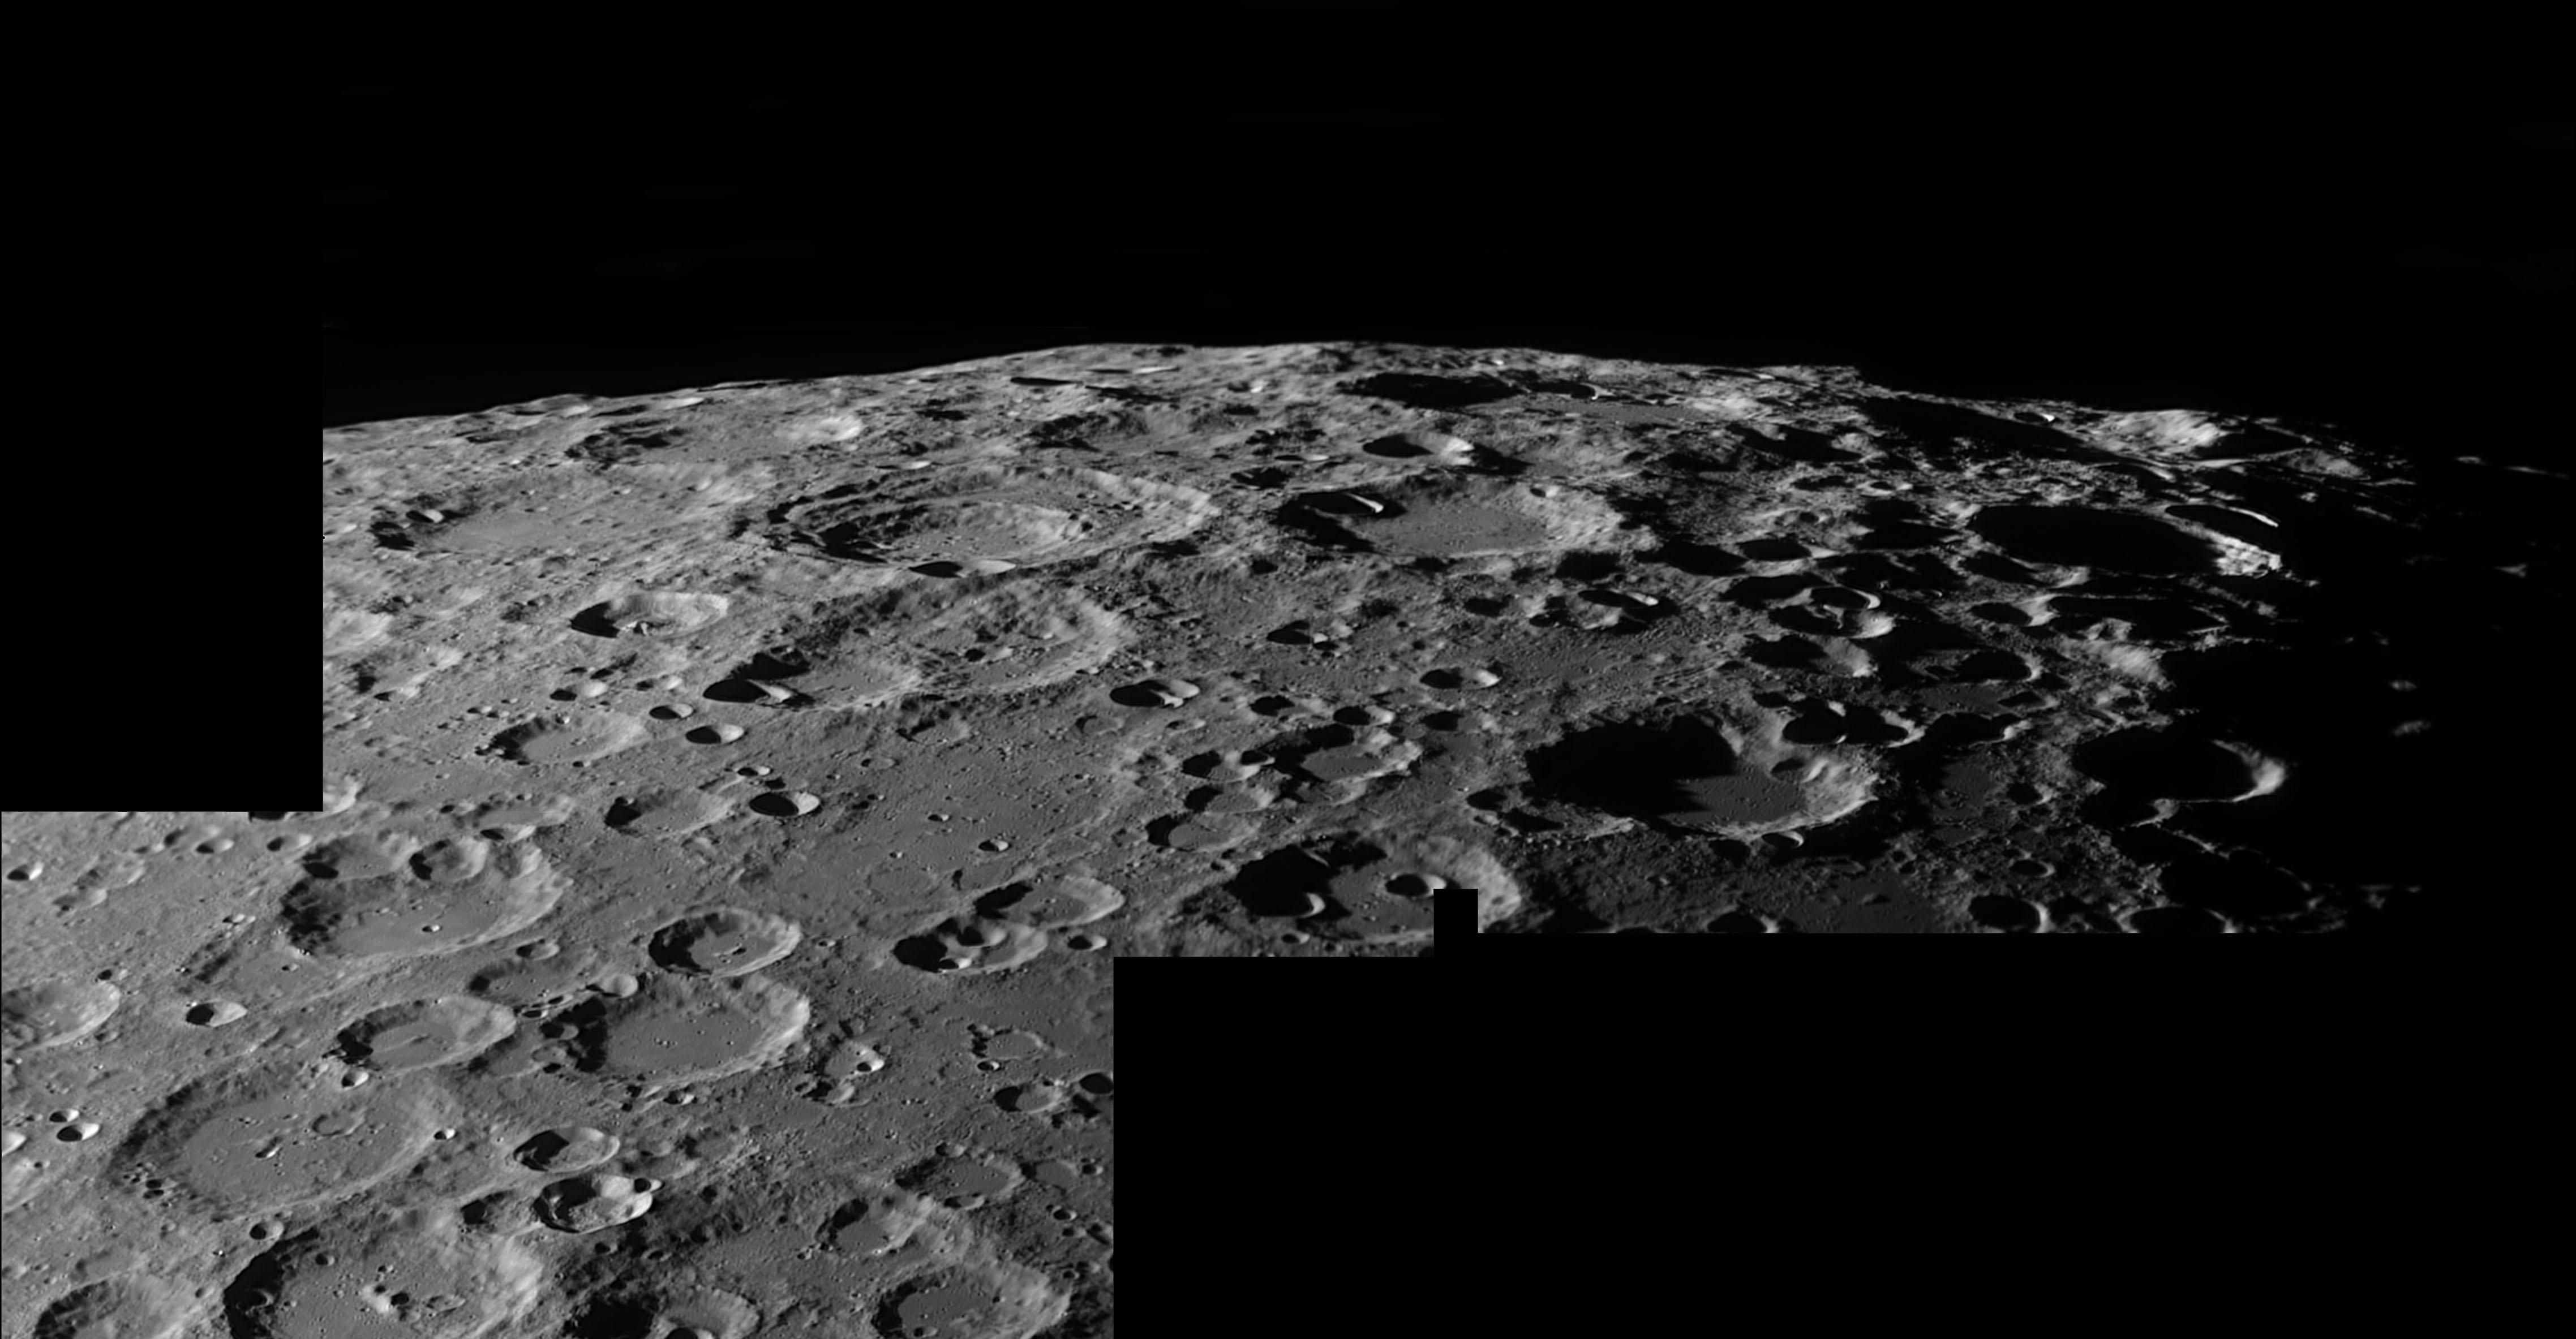 2019-10-05-月球南极.jpg